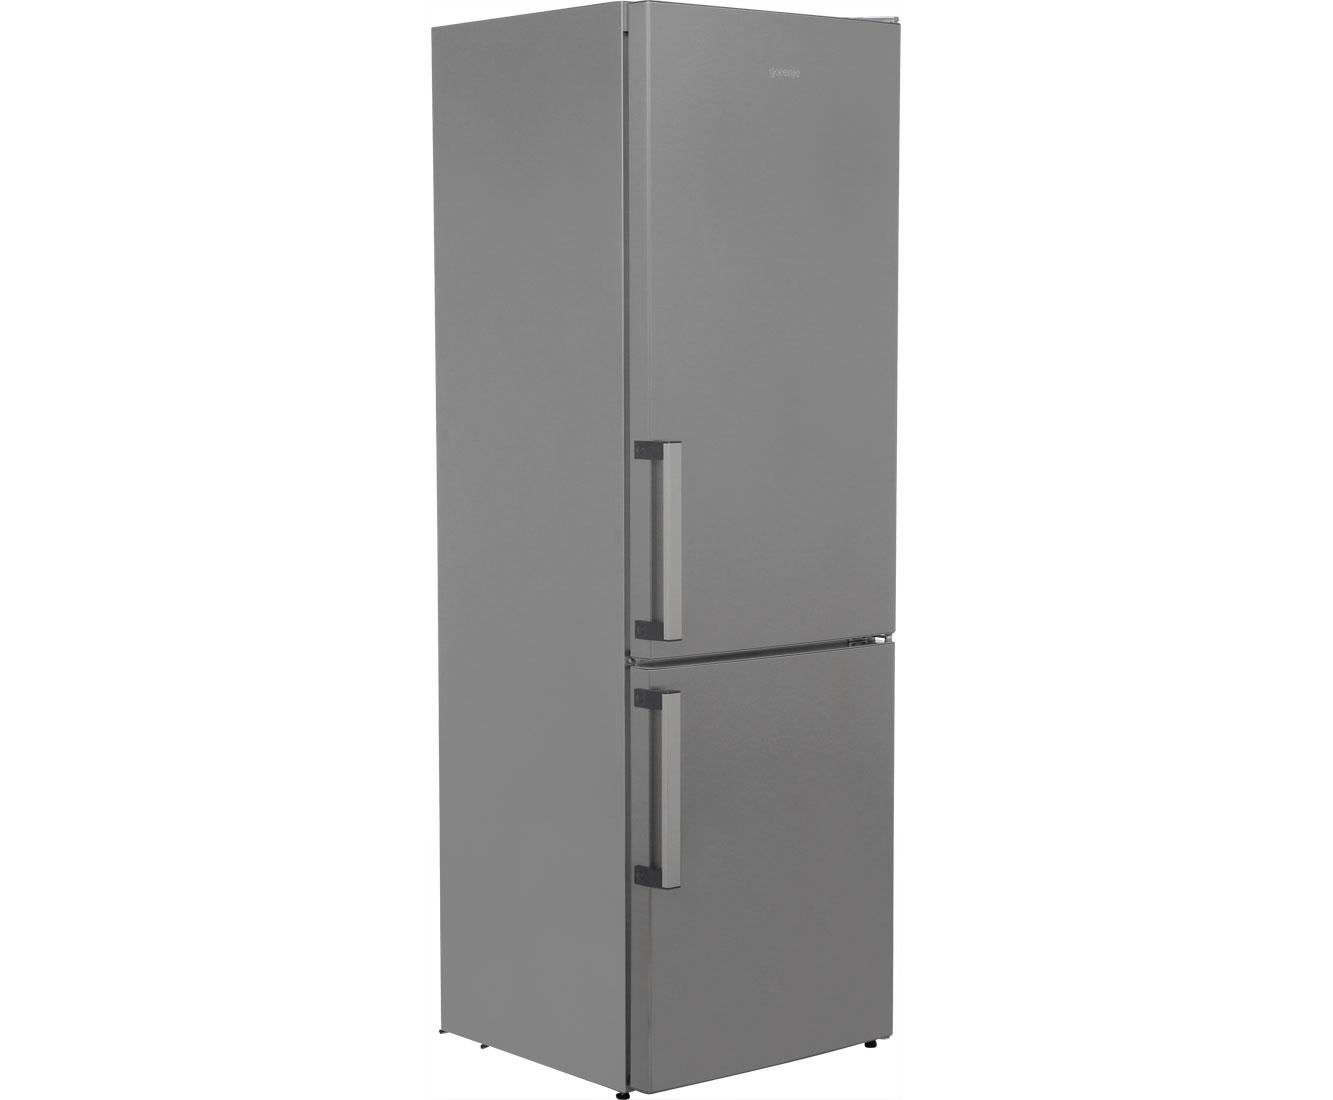 Gorenje Kühlschrank Einstellen : Gorenje rk ex kühl gefrierkombination er breite edelstahl